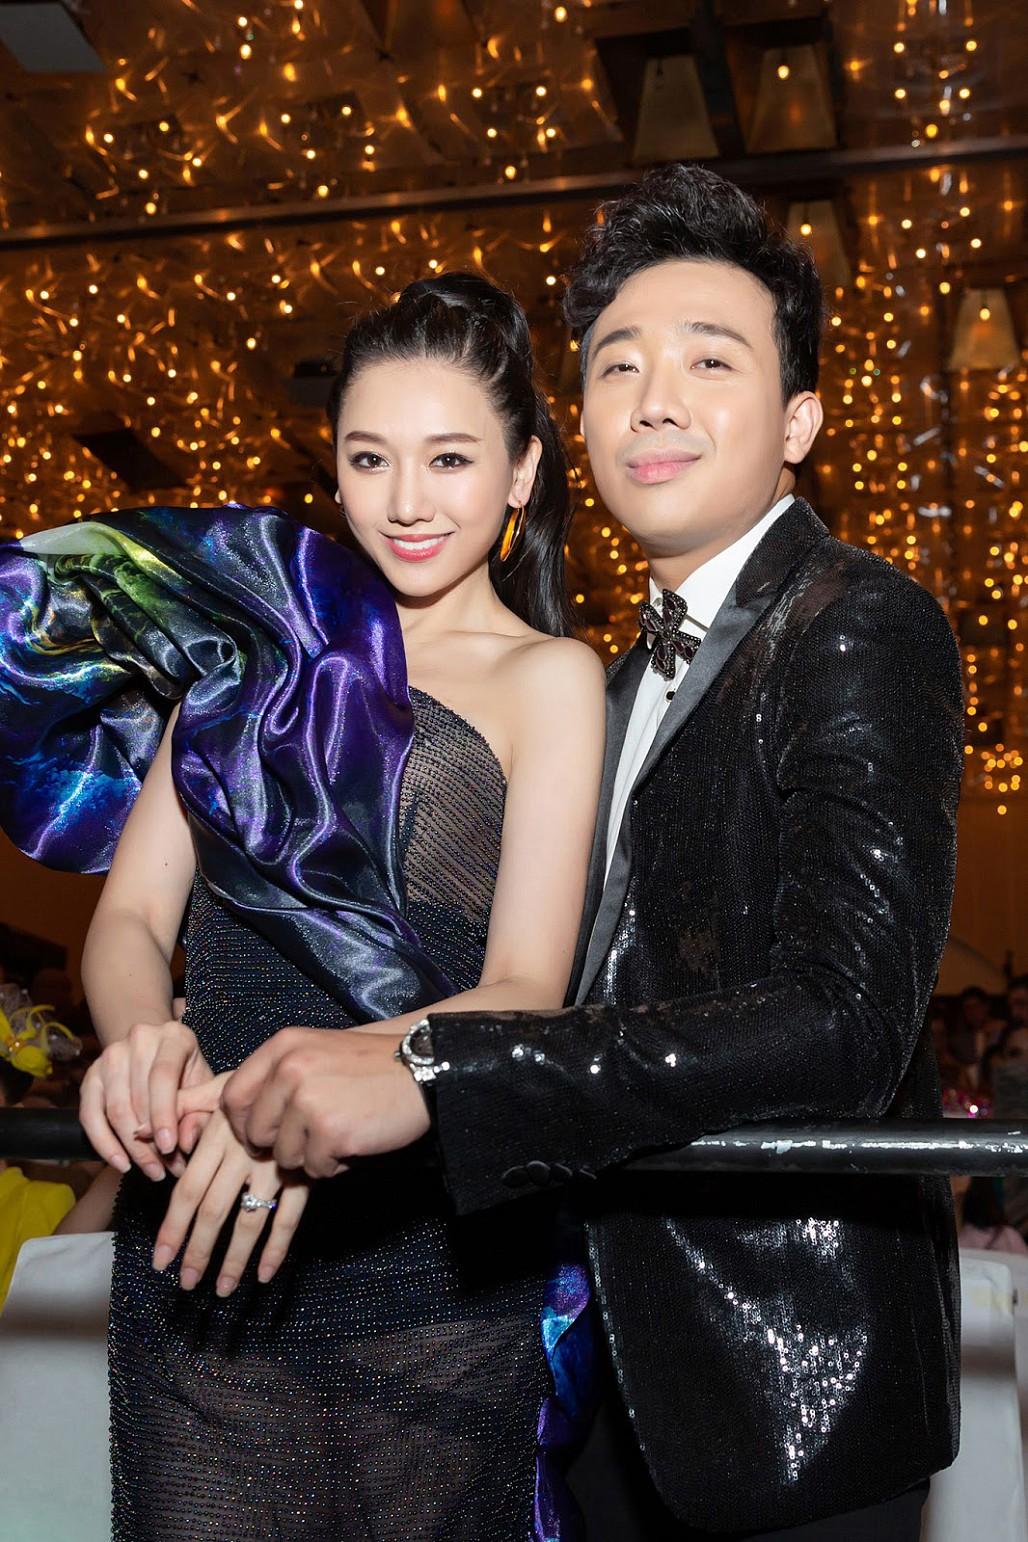 Vợ chồng Trấn Thành - Hari Won và những lần chơi đẹp nức tiếng với Thu Minh: Mấy ai đối với bạn được như thế trong showbiz này?-7